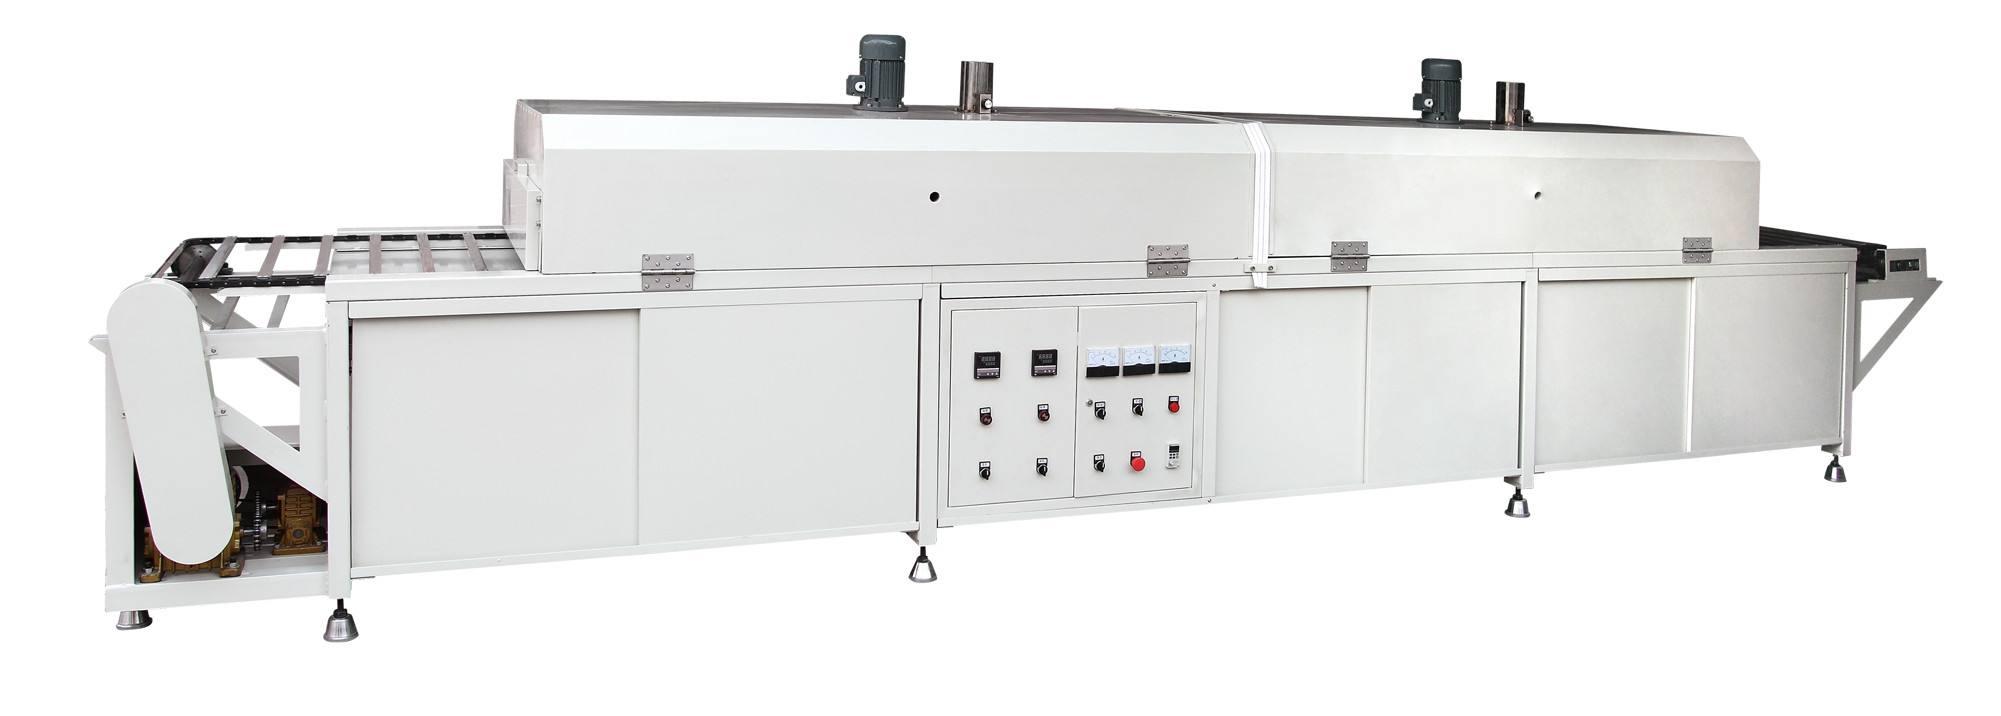 河源隧道炉定制-高温隧道炉一台大概要多少钱-工业烤箱